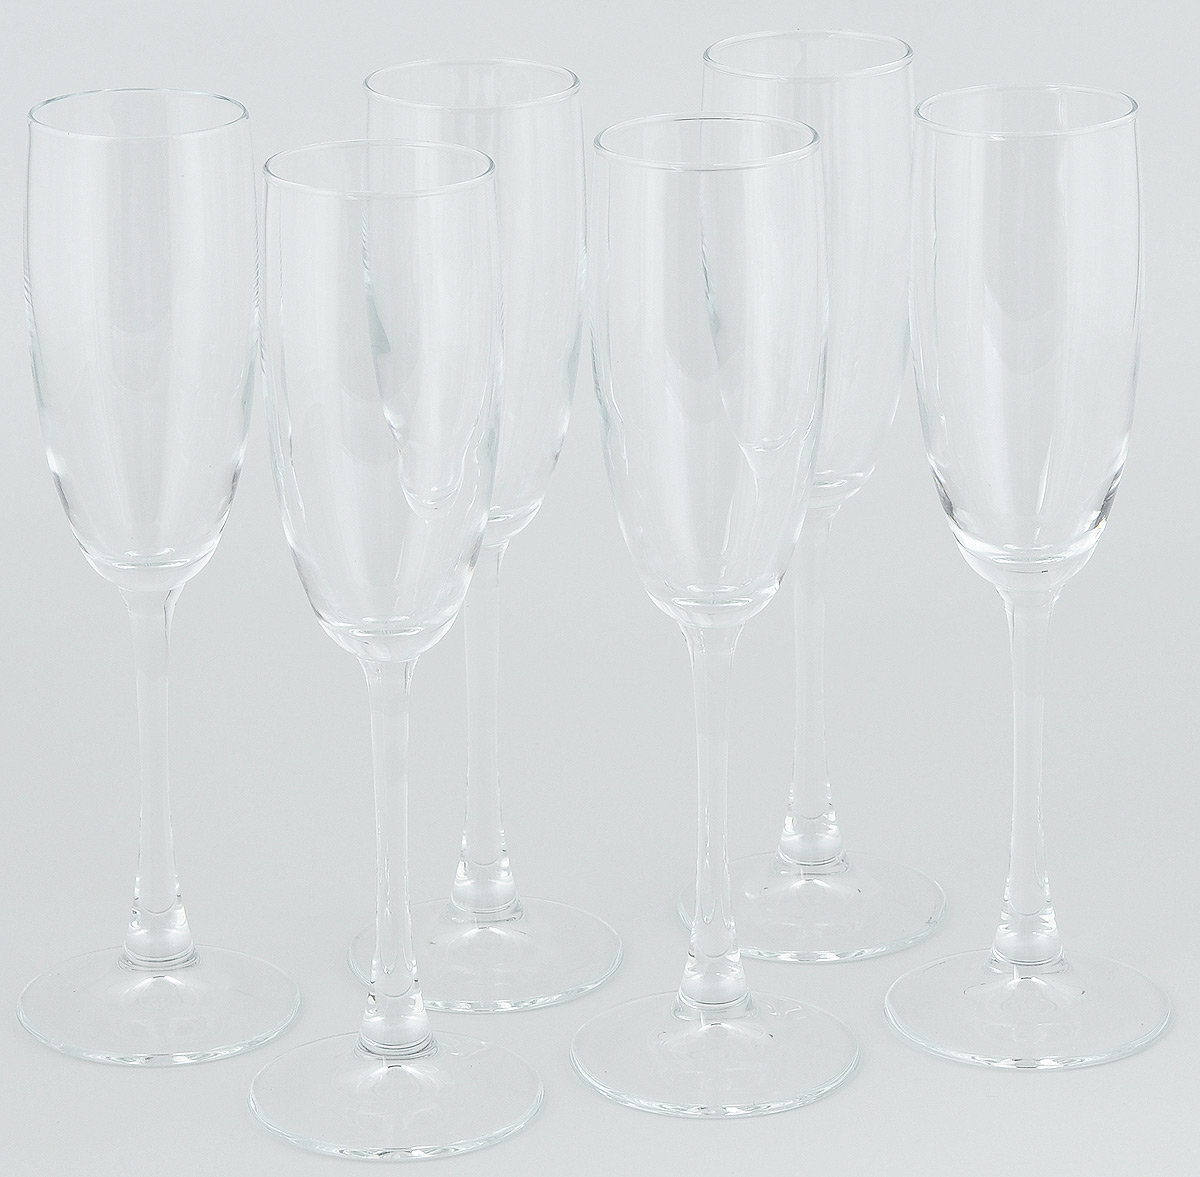 """Набор Pasabahce """"Enoteca"""" состоит  из шести классических фужеров, выполненных из  прочного стекла. Изделия  оснащены высокими ножками и предназначены  для подачи шампанского. Они сочетают в себе элегантный дизайн и  функциональность. Набор фужеров Pasabahce """"Enoteca"""" прекрасно  оформит праздничный стол  и создаст приятную атмосферу за  романтическим ужином. Такой набор также станет  хорошим подарком к любому случаю.   Высота фужера: 23 см."""